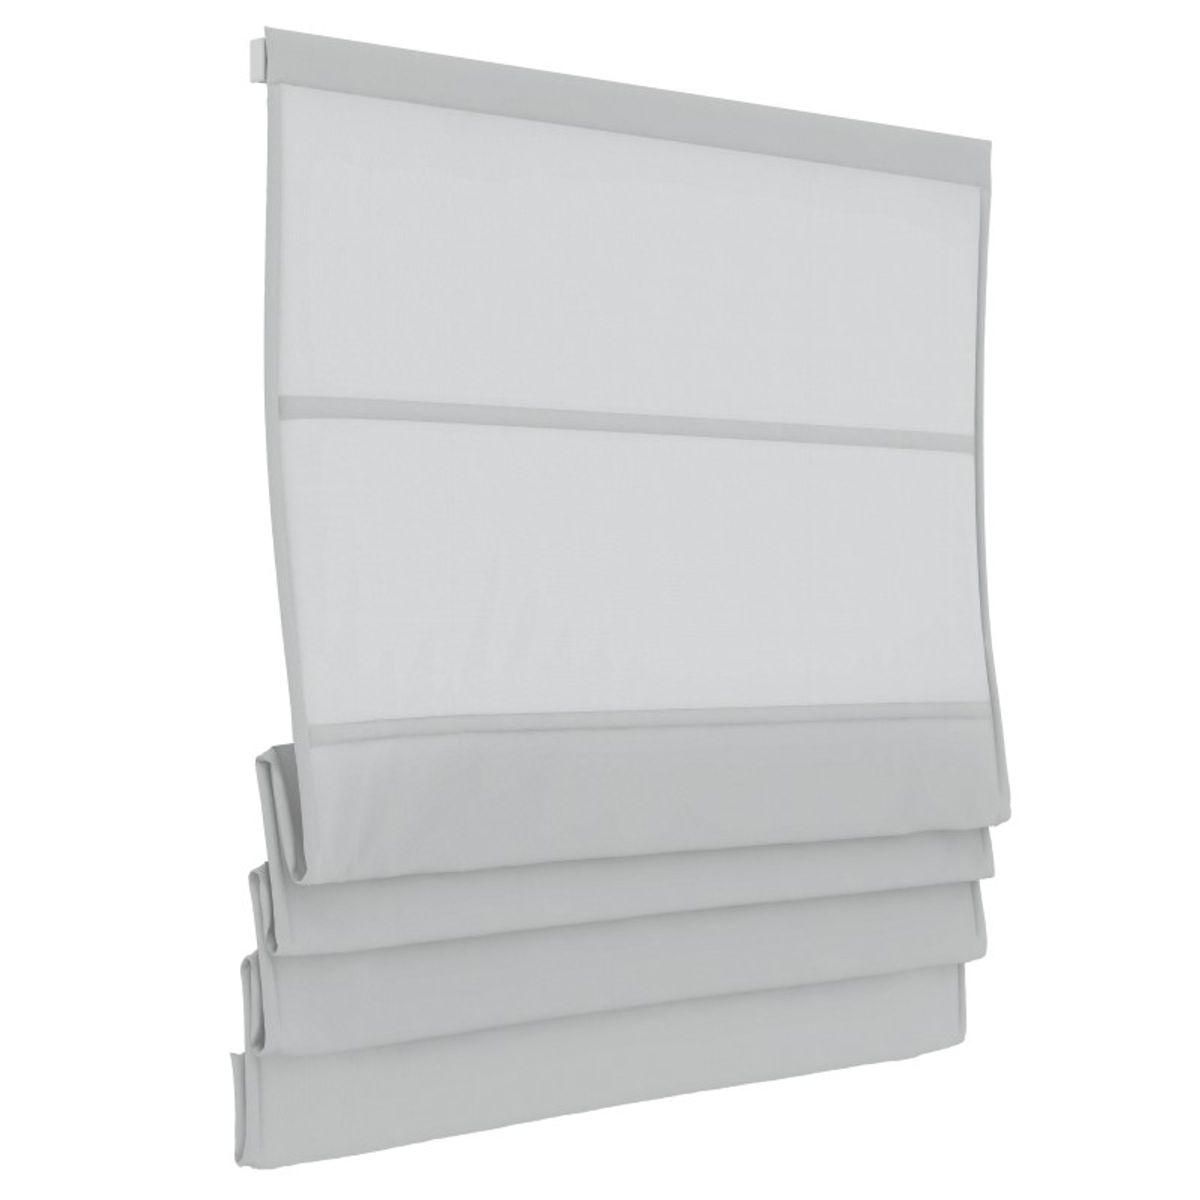 Vouwgordijn - Wit - Lichtdoorlatend - 140cm x 180cm